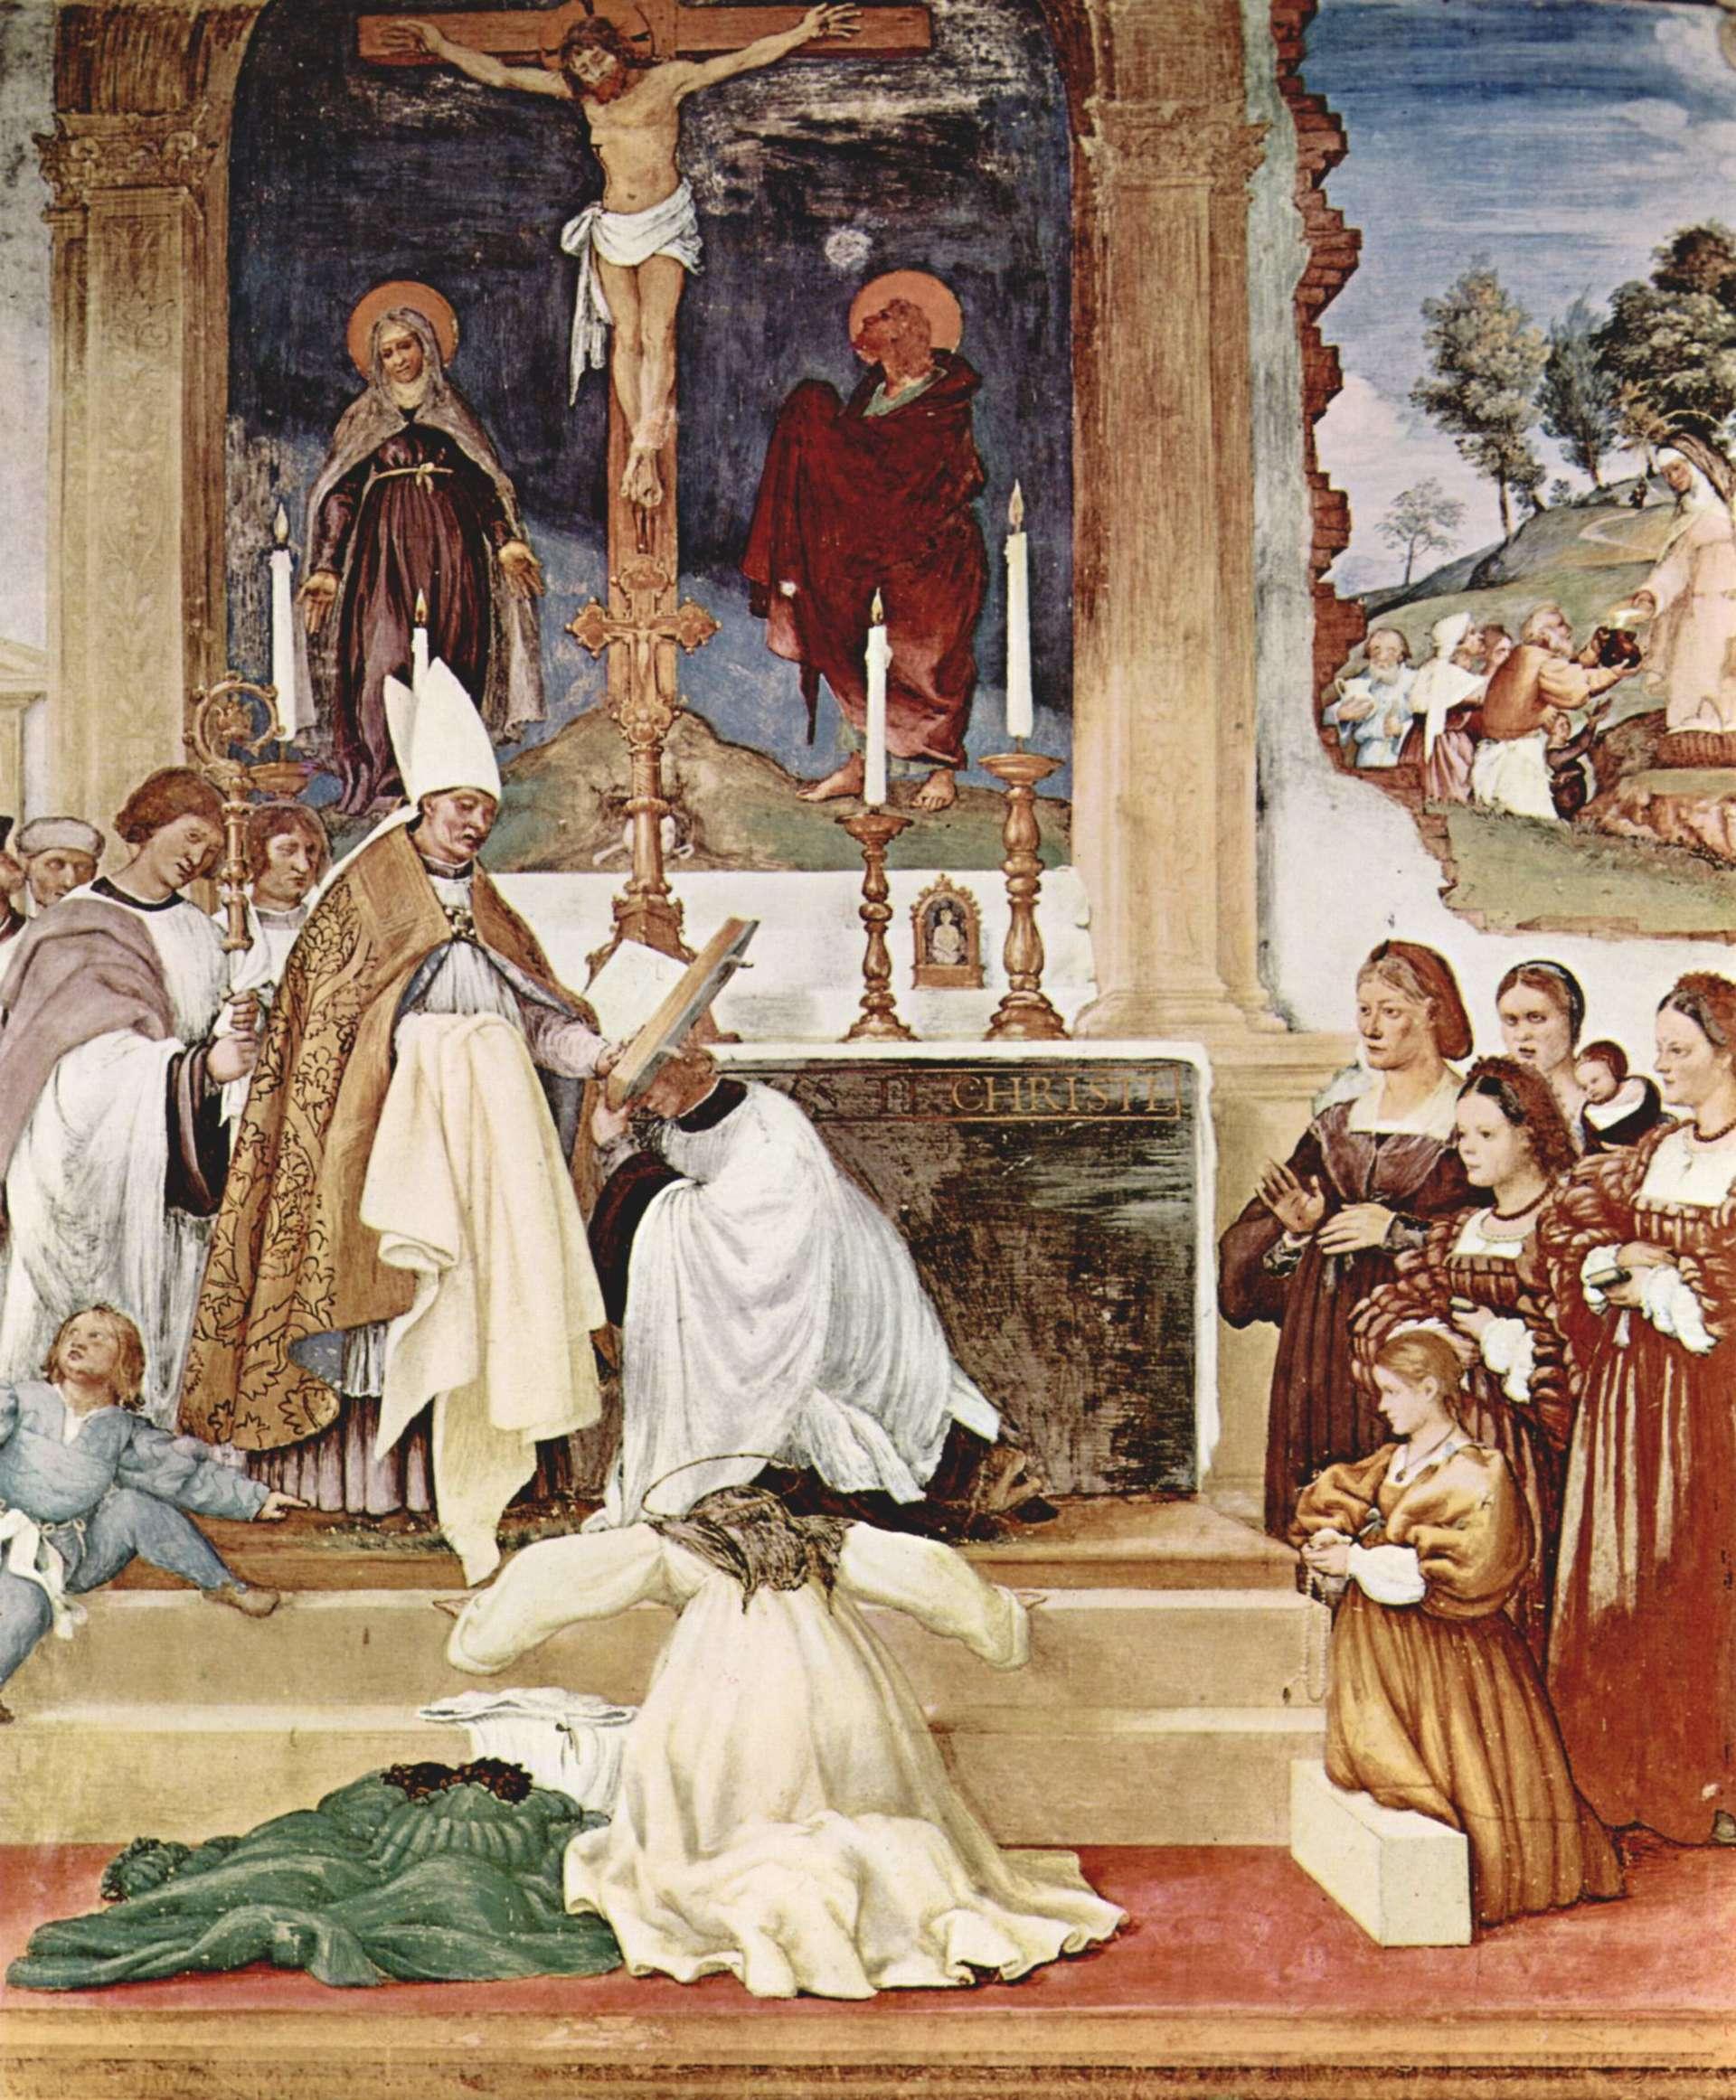 Торговля индульгенциями привела к расколу католической церкви